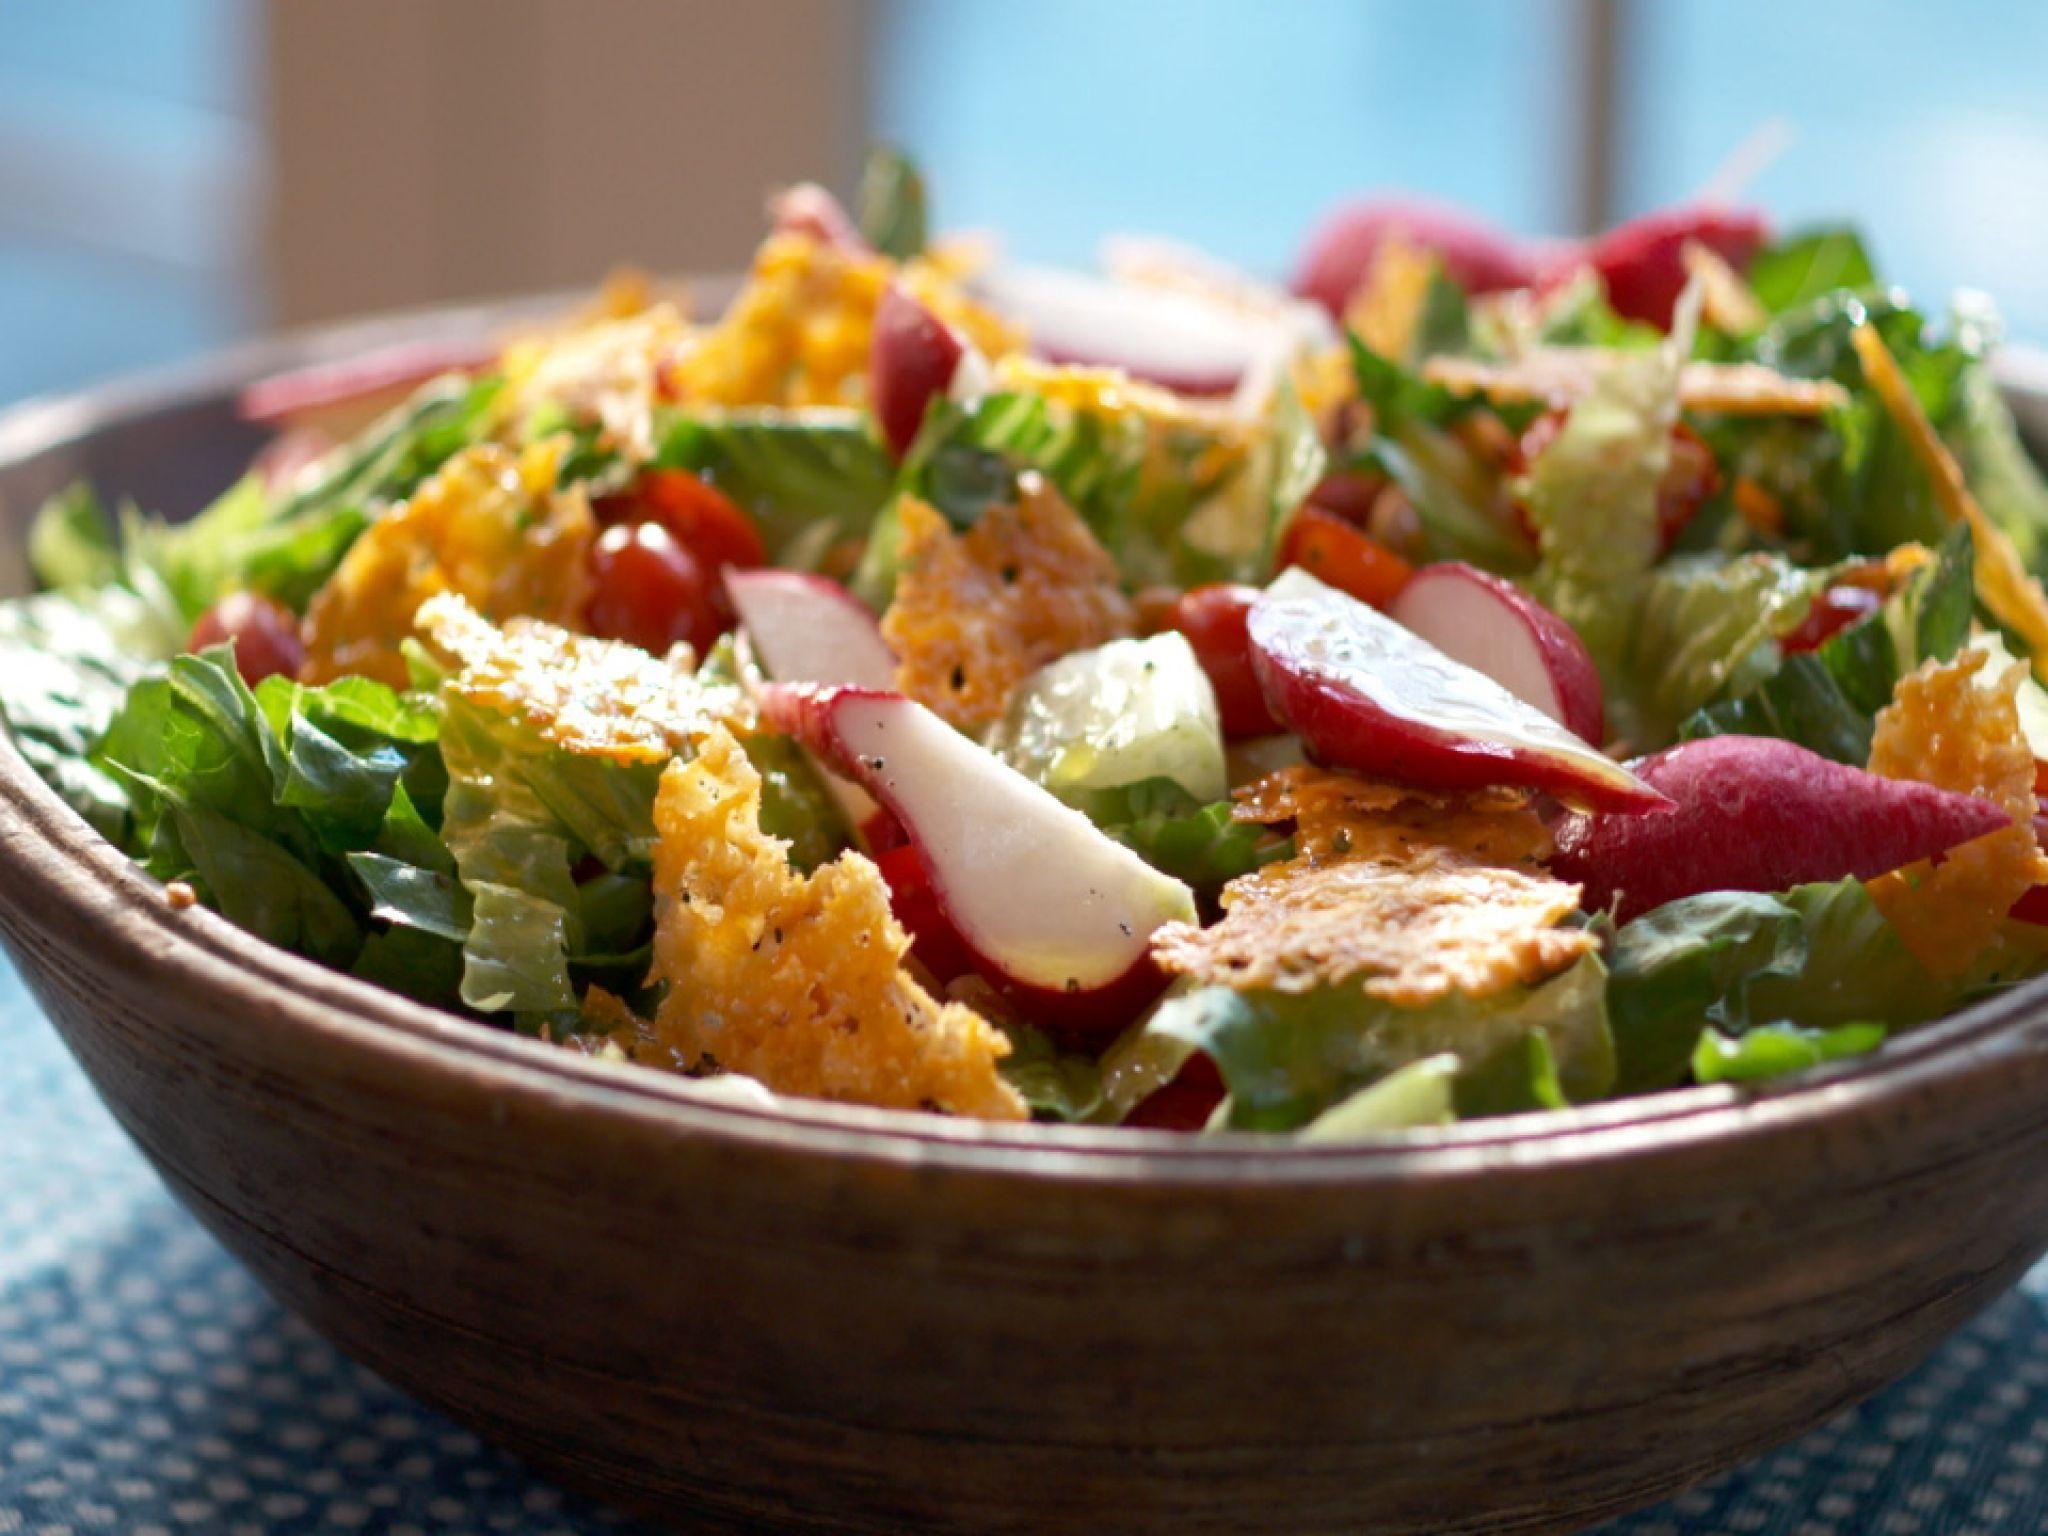 Romaine Salad with Parmesan Crisps Recipe Parmesan